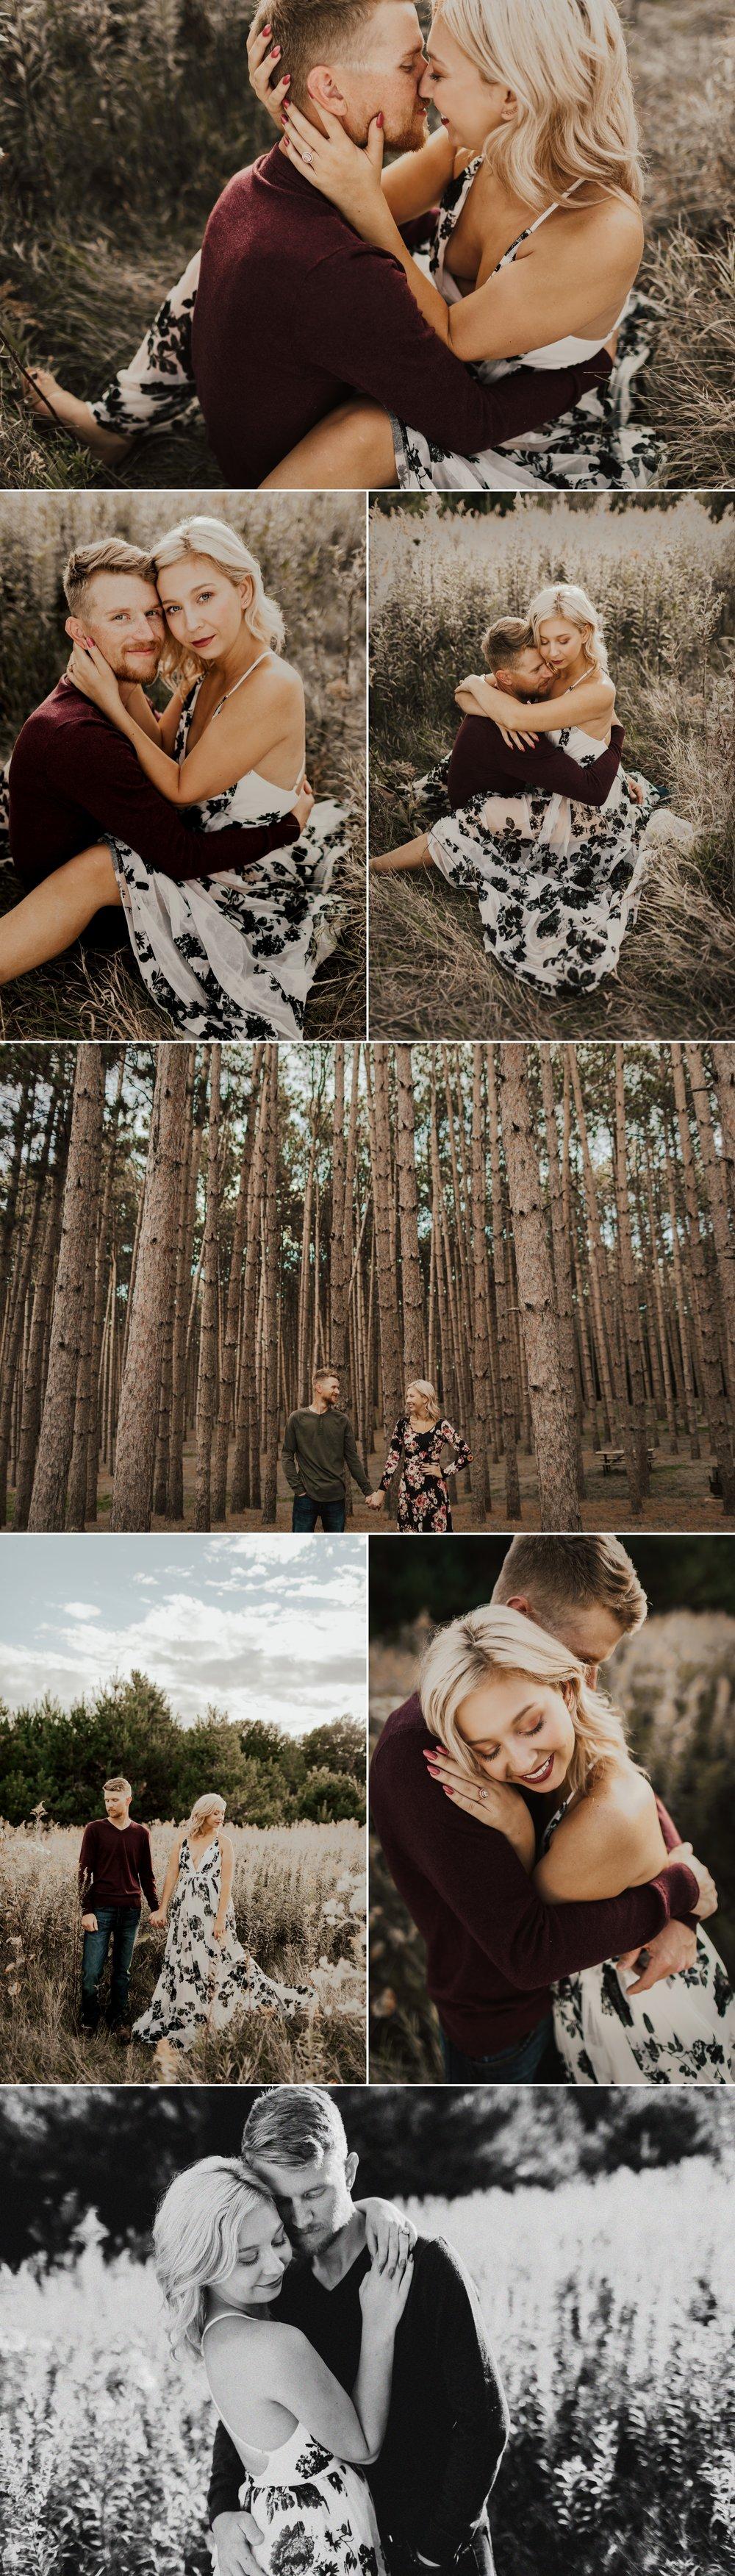 Felisha & Jake 7.jpg